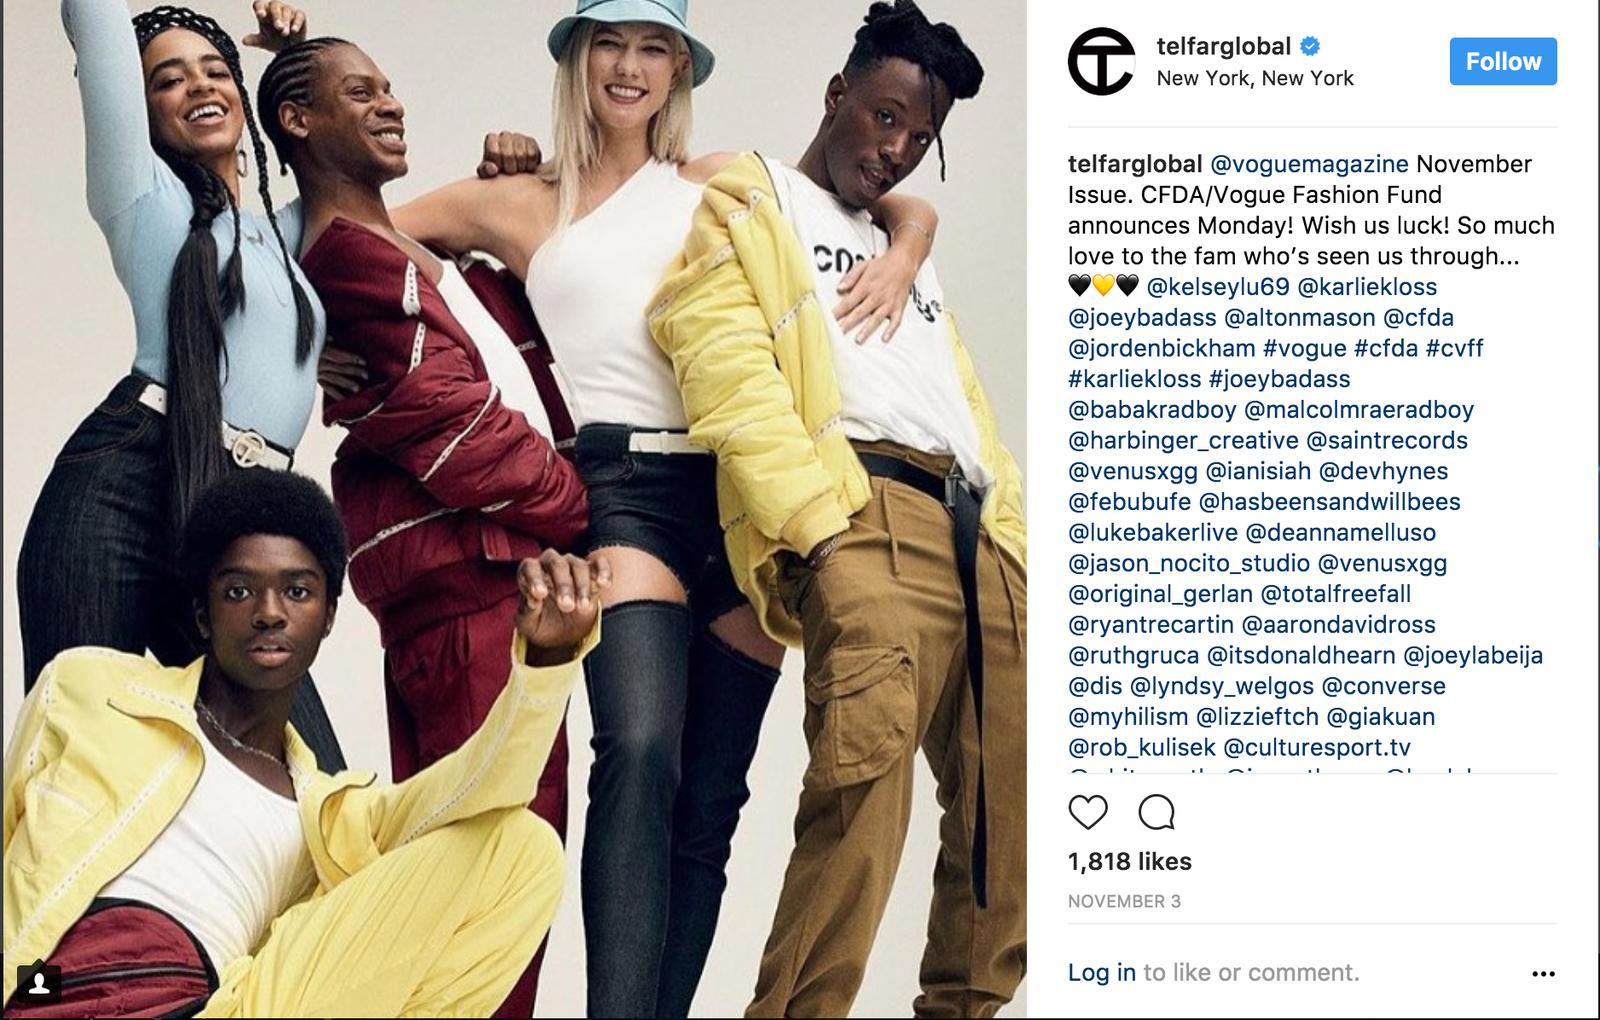 TelfarGlobal via Instagram